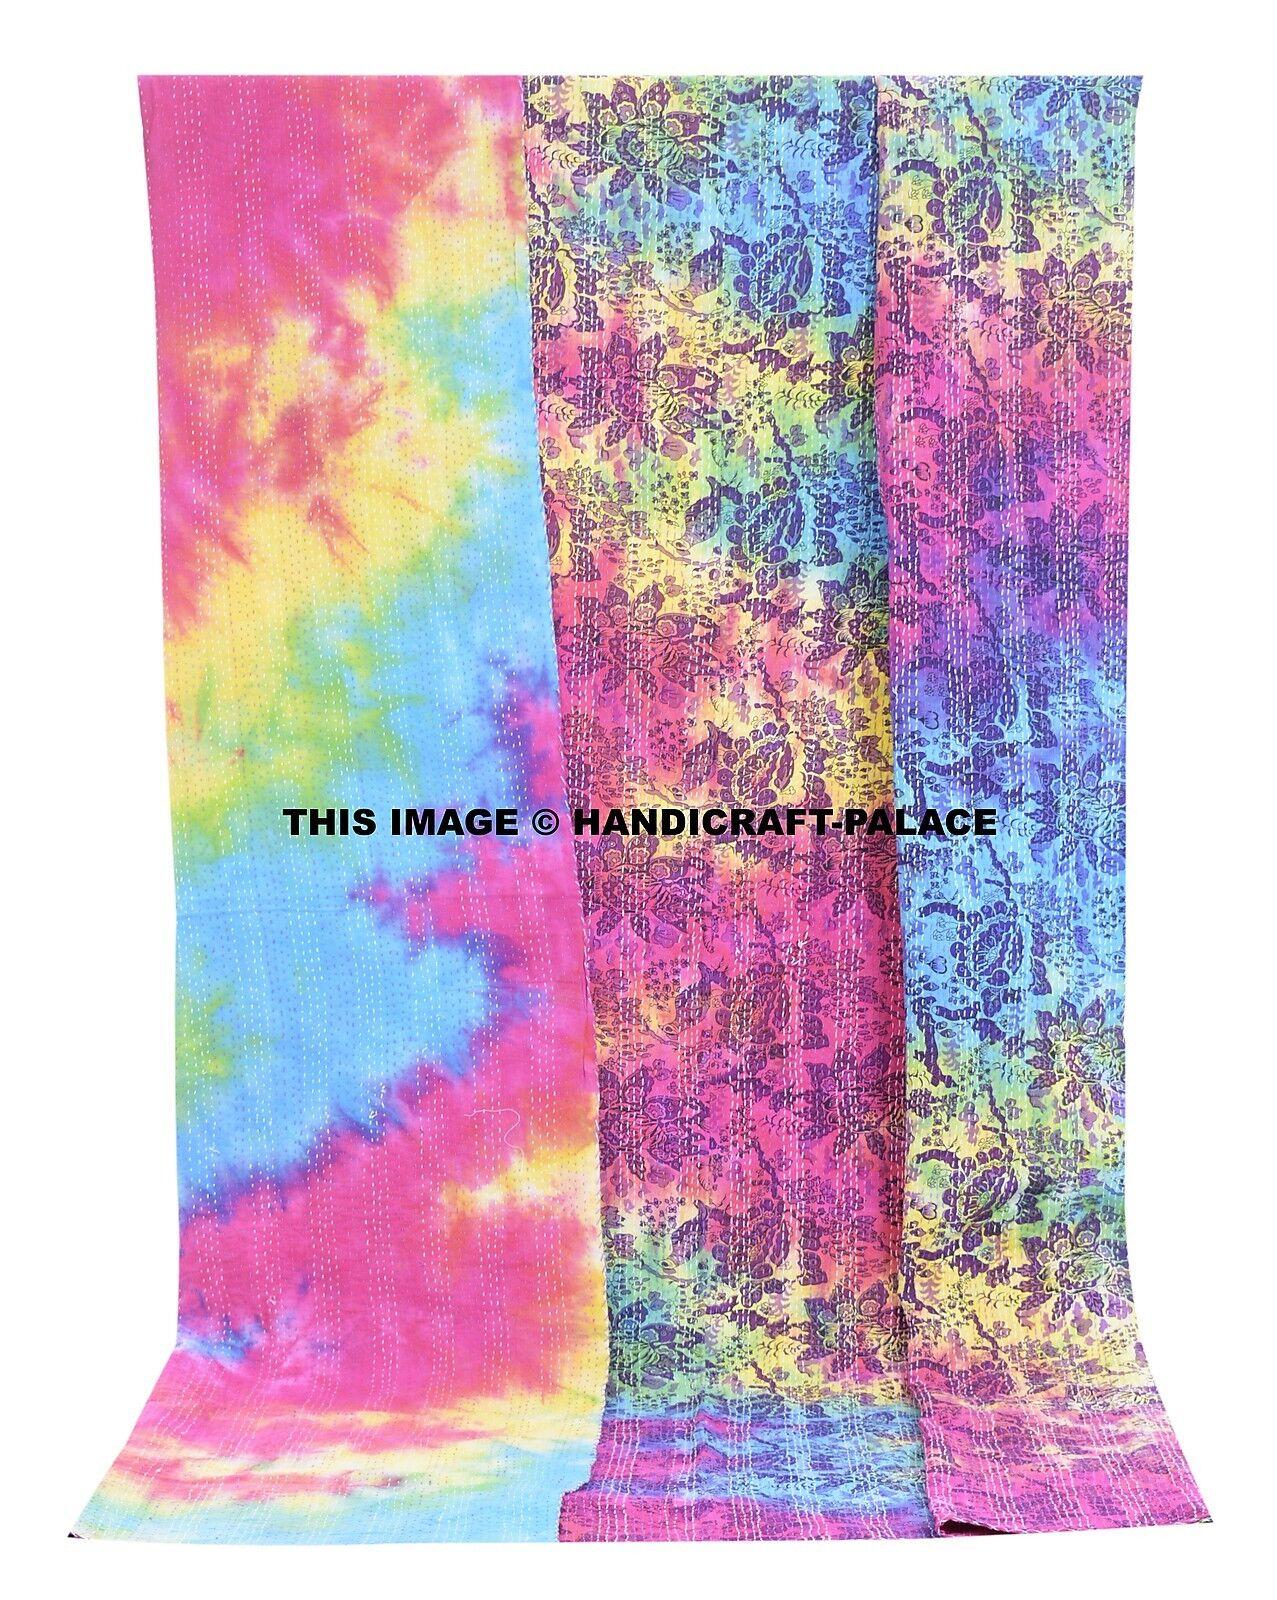 Indian Kantha Quilt Bird Floral Tie Dye Print Cotton Bedspread Queen Blanket